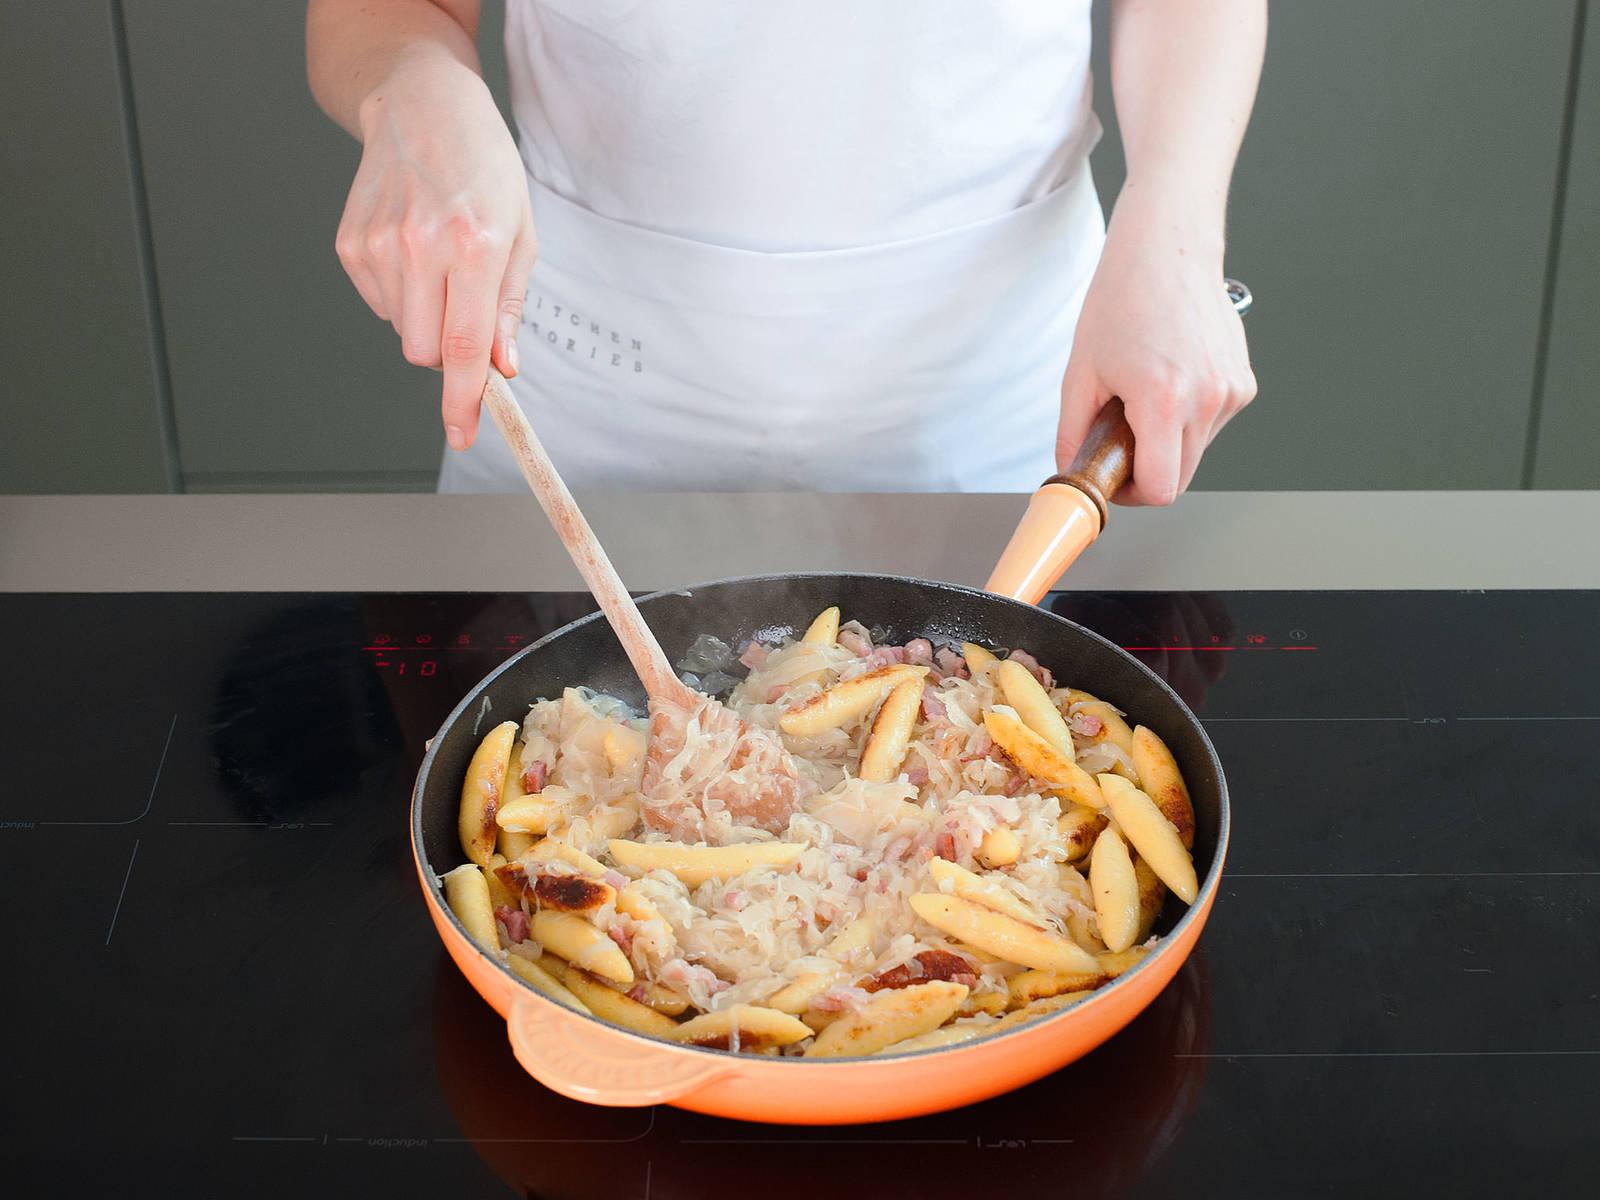 在大煎锅中,中火融化剩余的黄油。倒入土豆饺子,翻炒3-5分钟,直至饺子两侧皆呈金棕色。倒入酸菜,与饺子混合均匀,然后持续翻炒3-5分钟,直至食材受热均匀。可视个人喜好,饰以新鲜欧芹碎装盘。尽情享用吧!